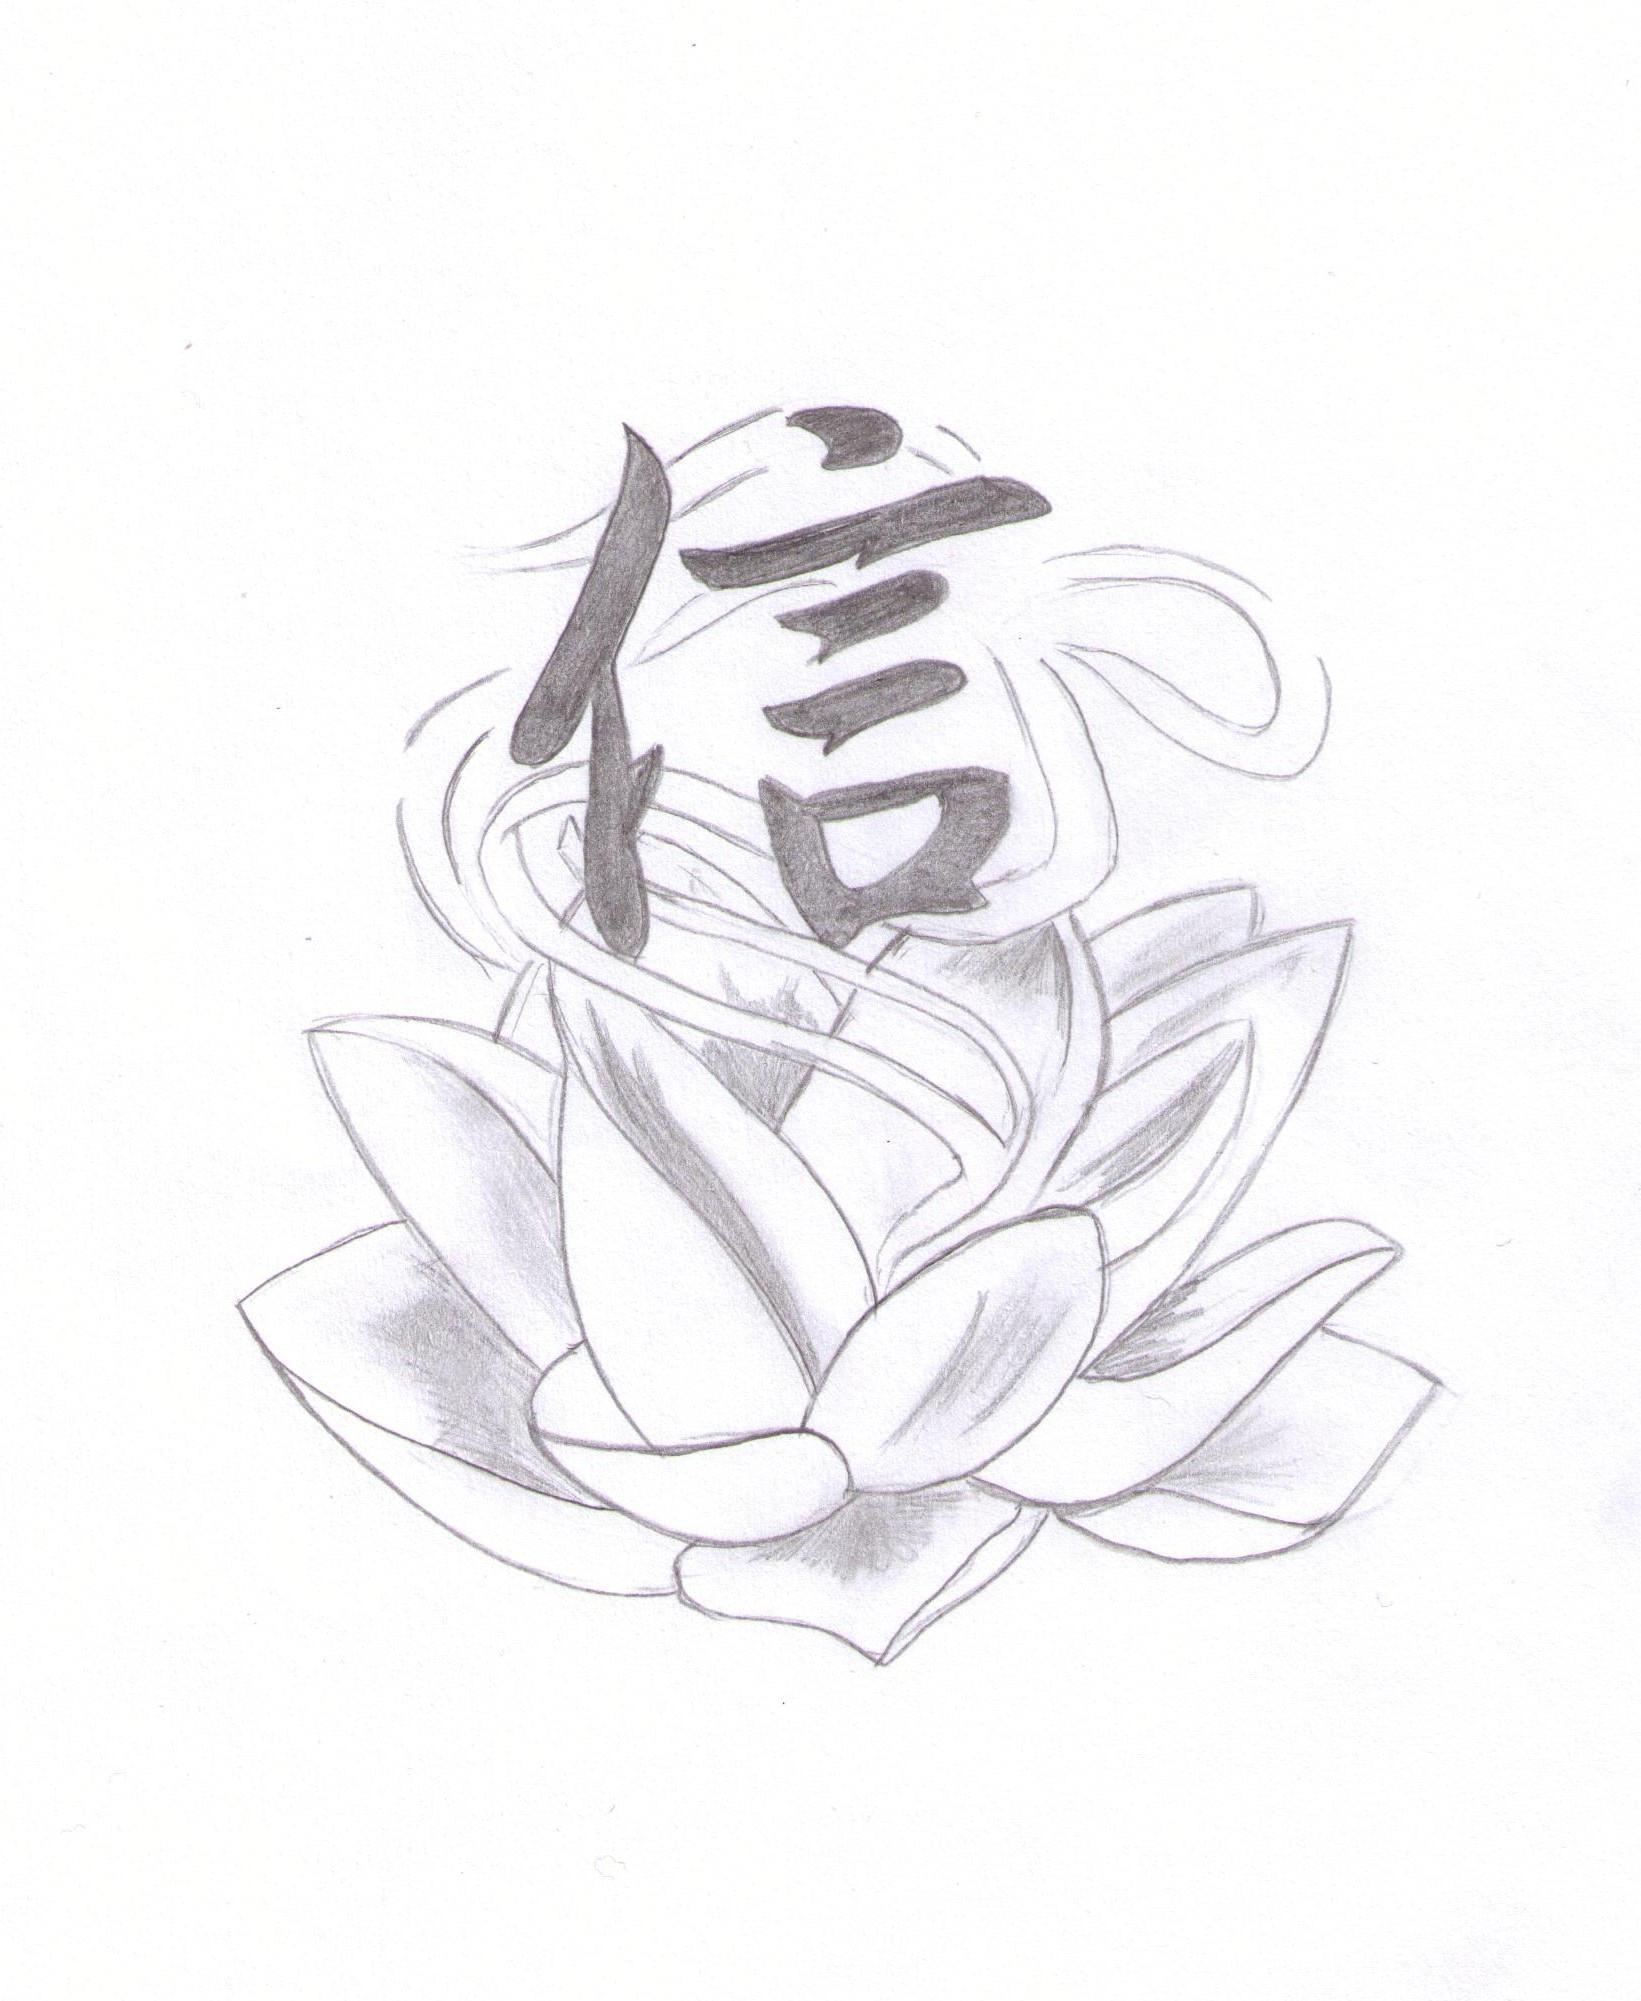 tattoo number 3      by themusicjunkie on deviantart